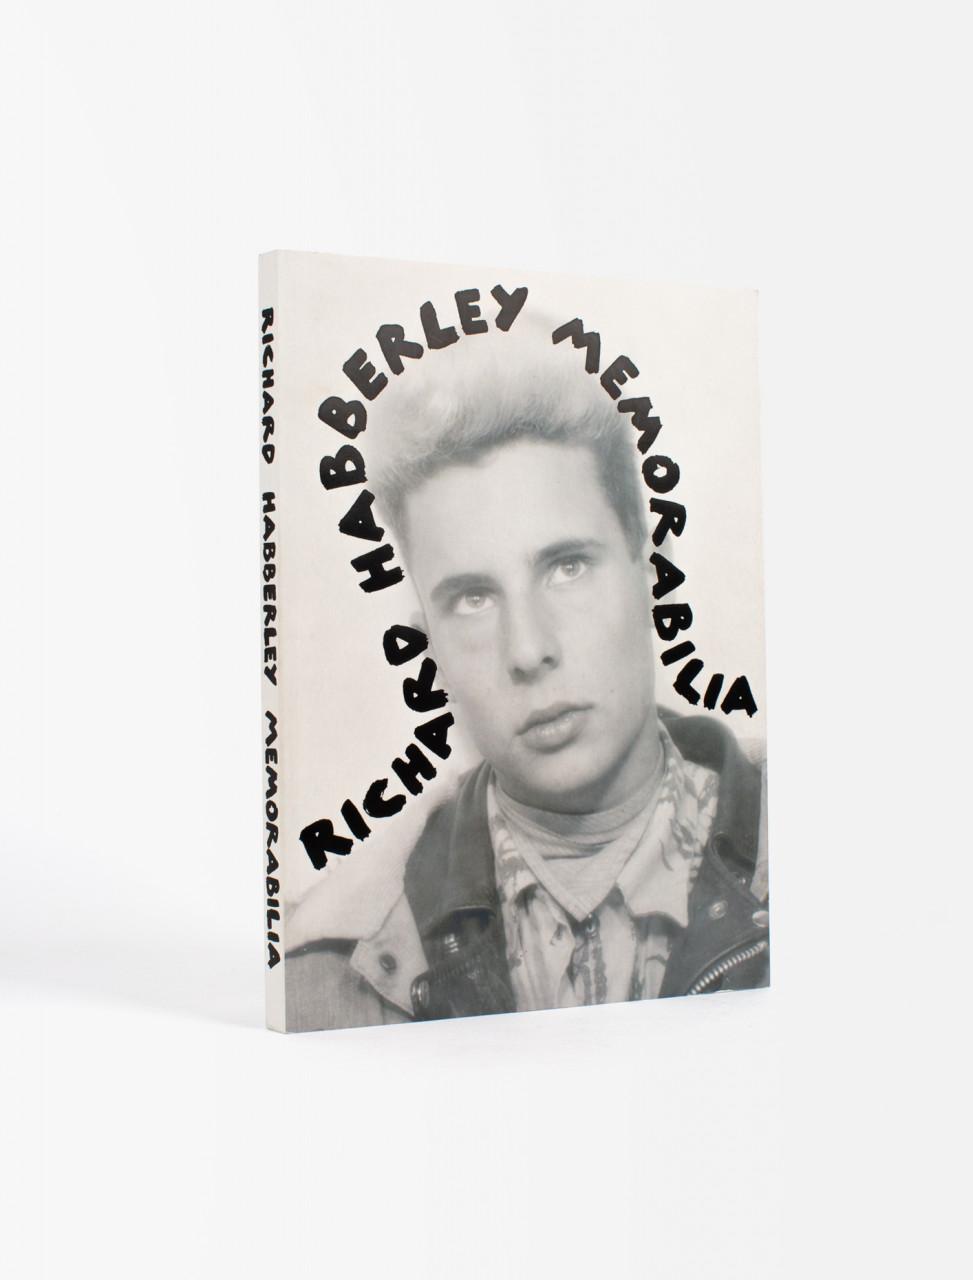 Richard Habberley Memorabilia